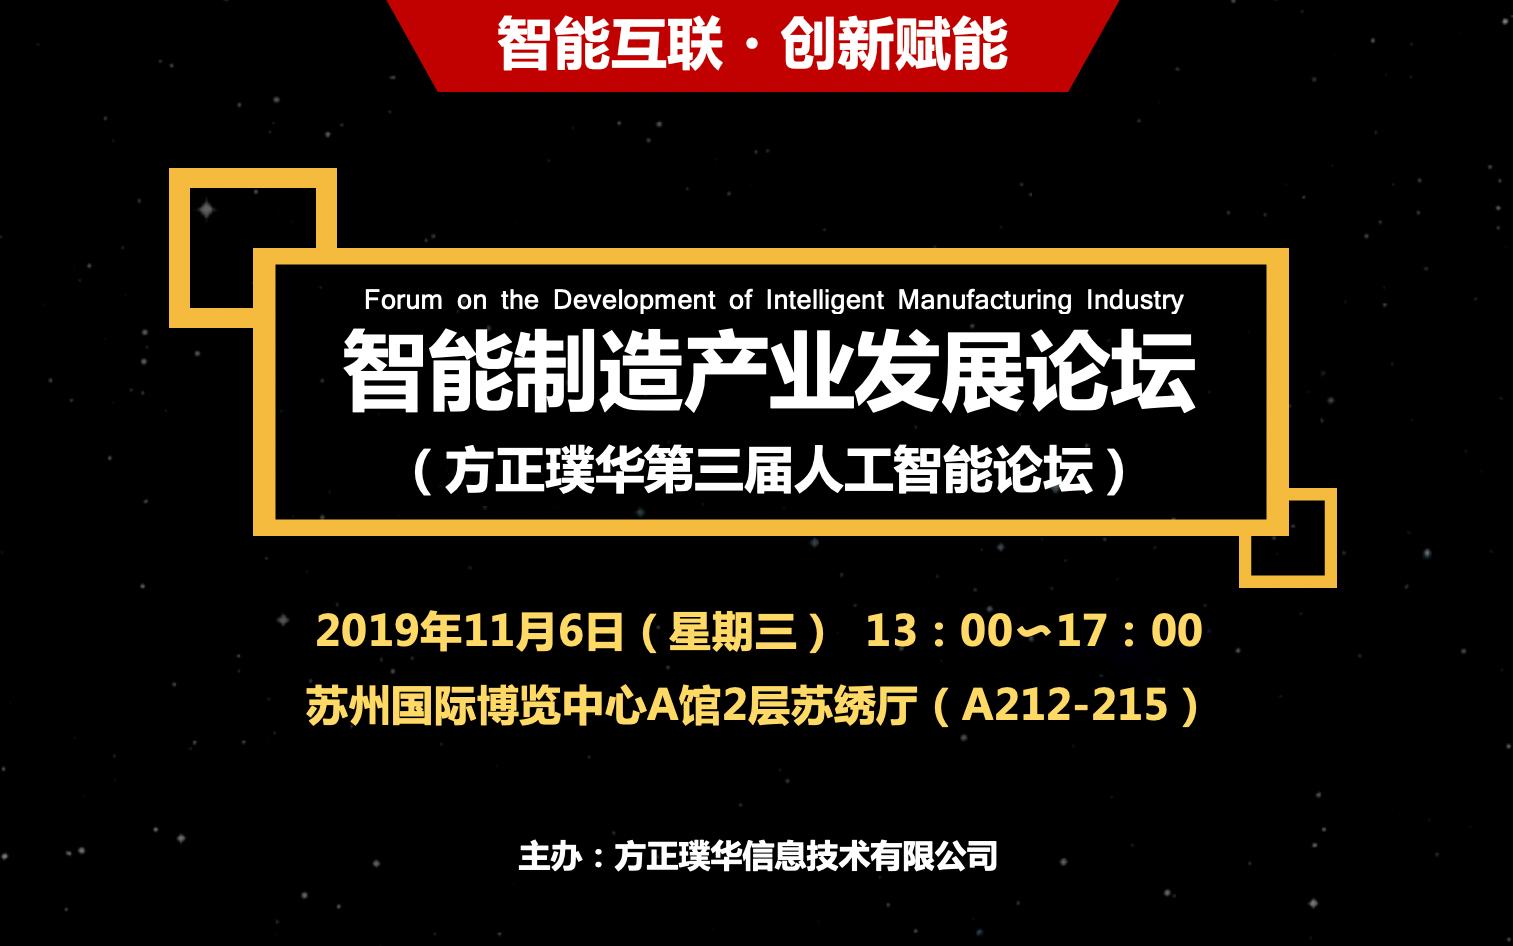 【苏州电博会】2019智能制造产业发展论坛(暨第三届人工智能论坛)